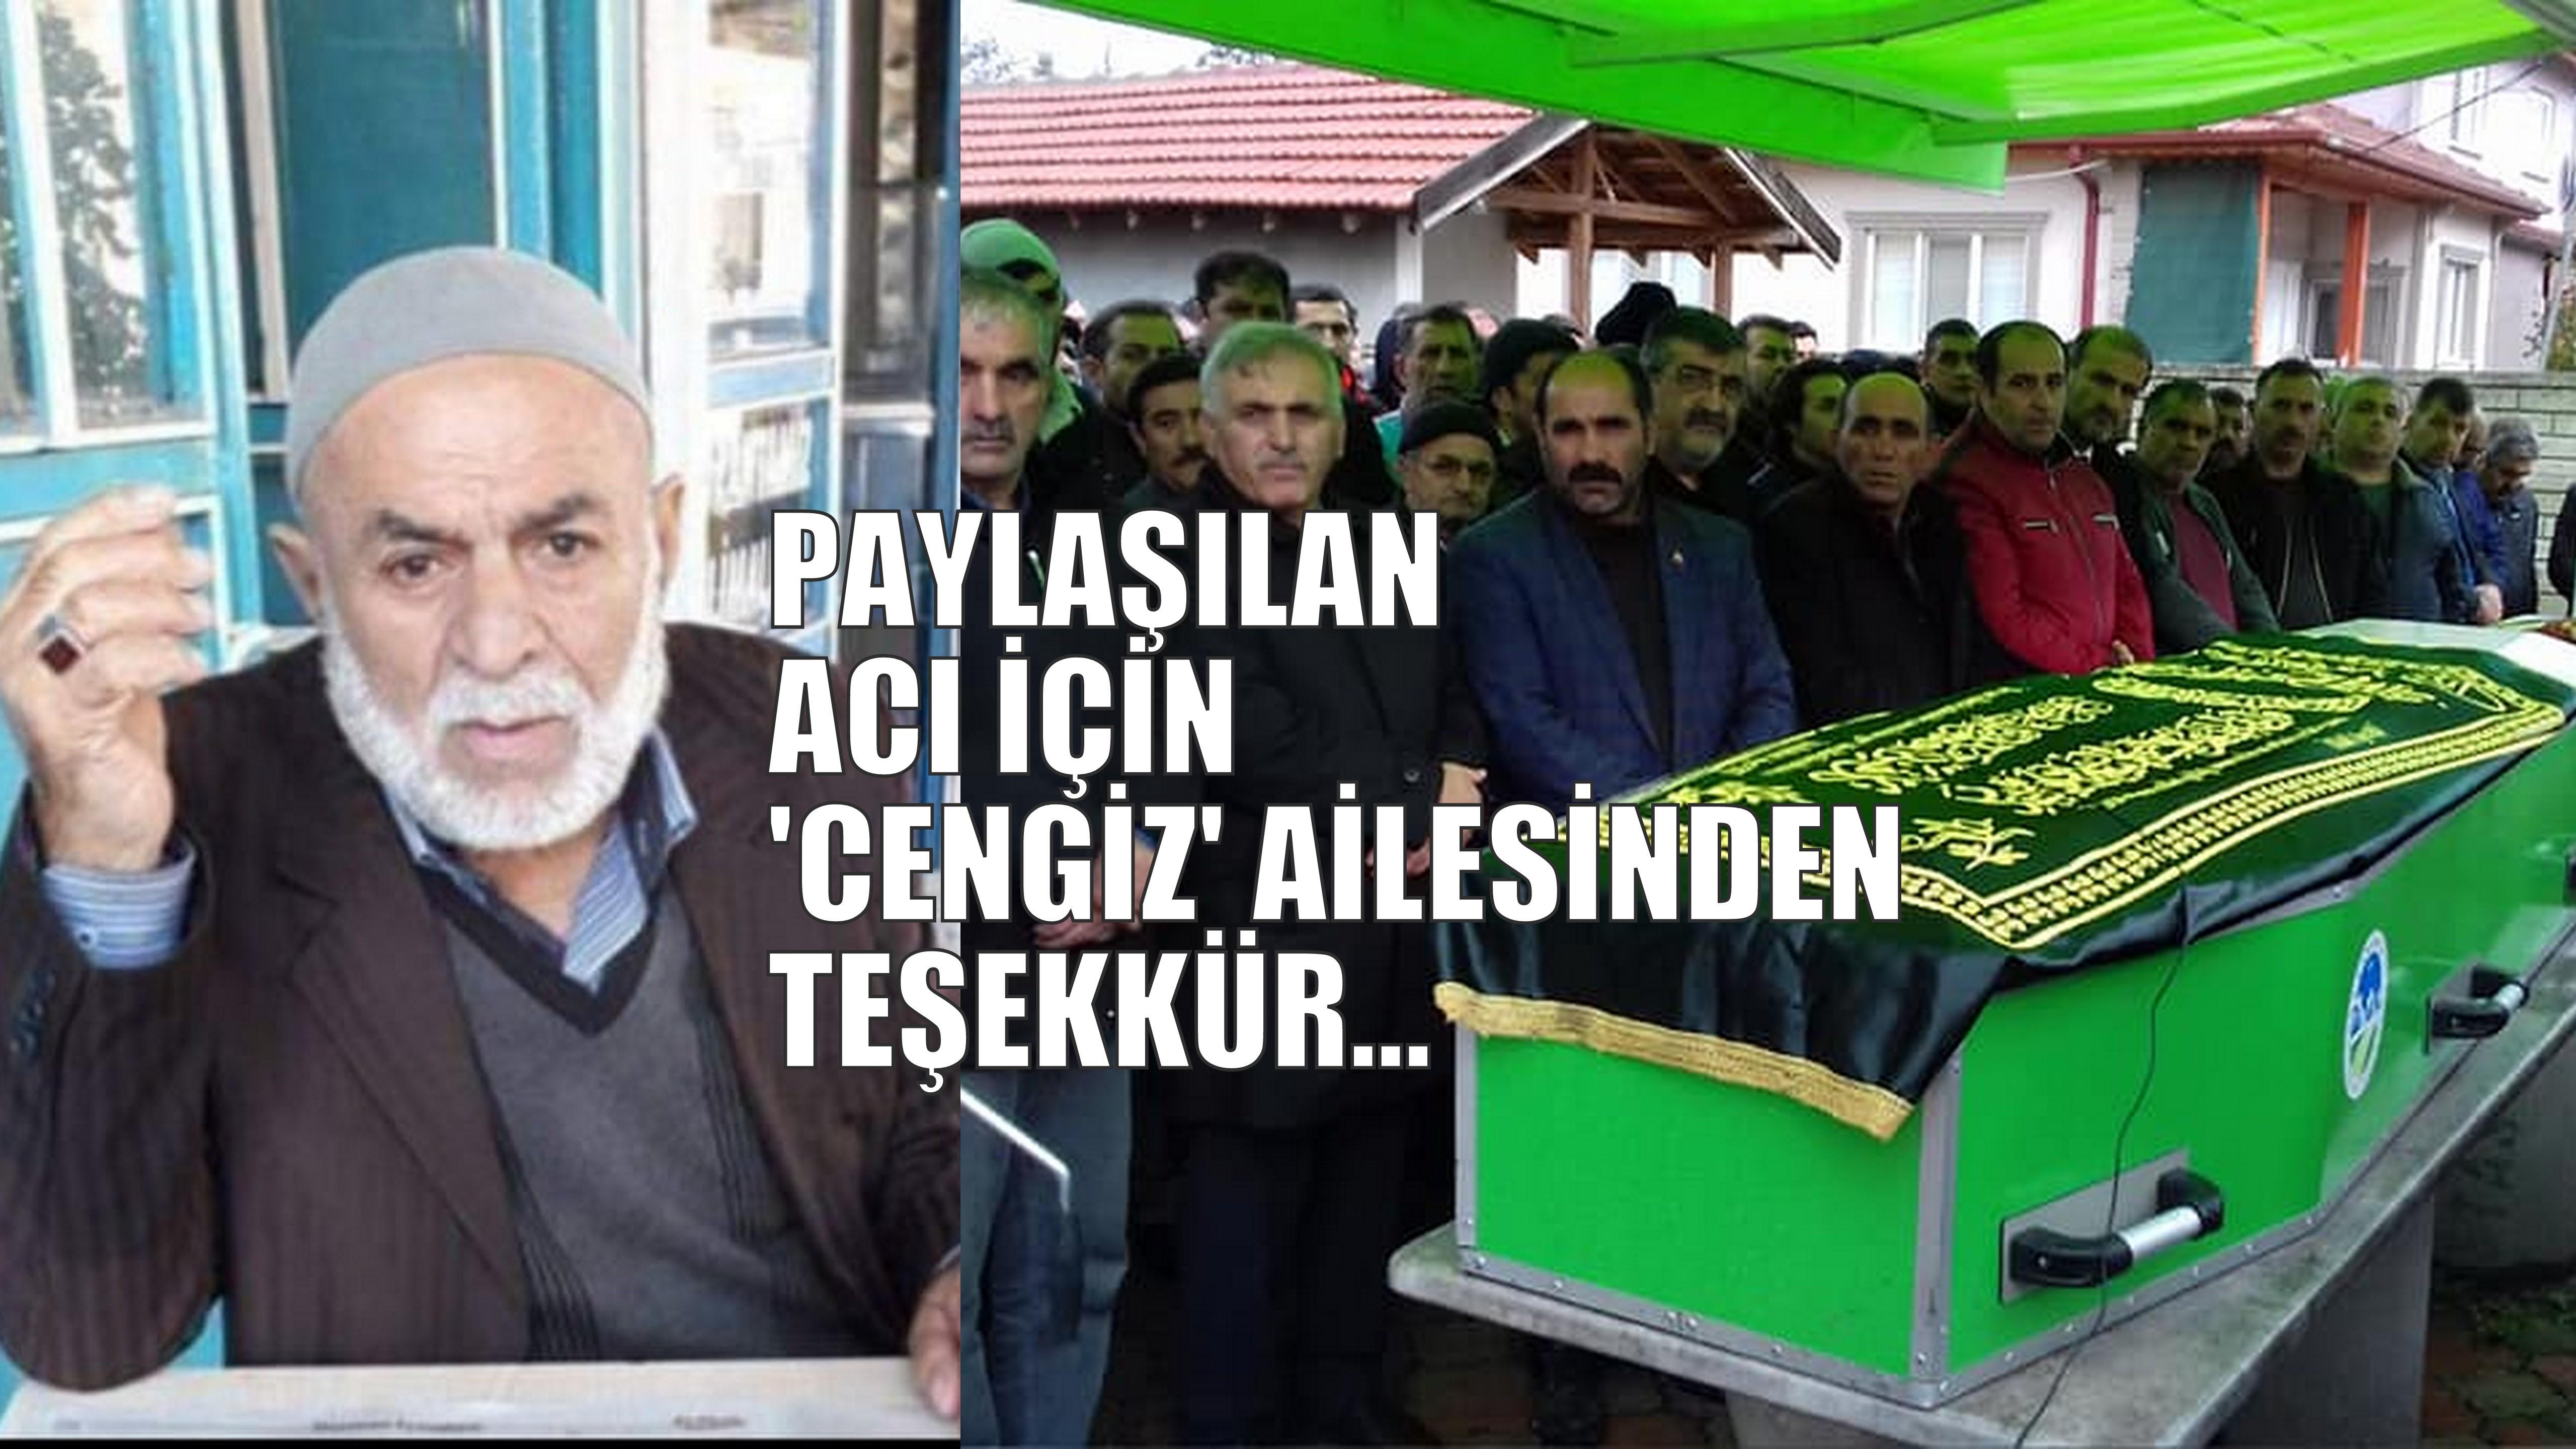 CENGİZ AİLESİNDEN TEŞEKKÜR!..